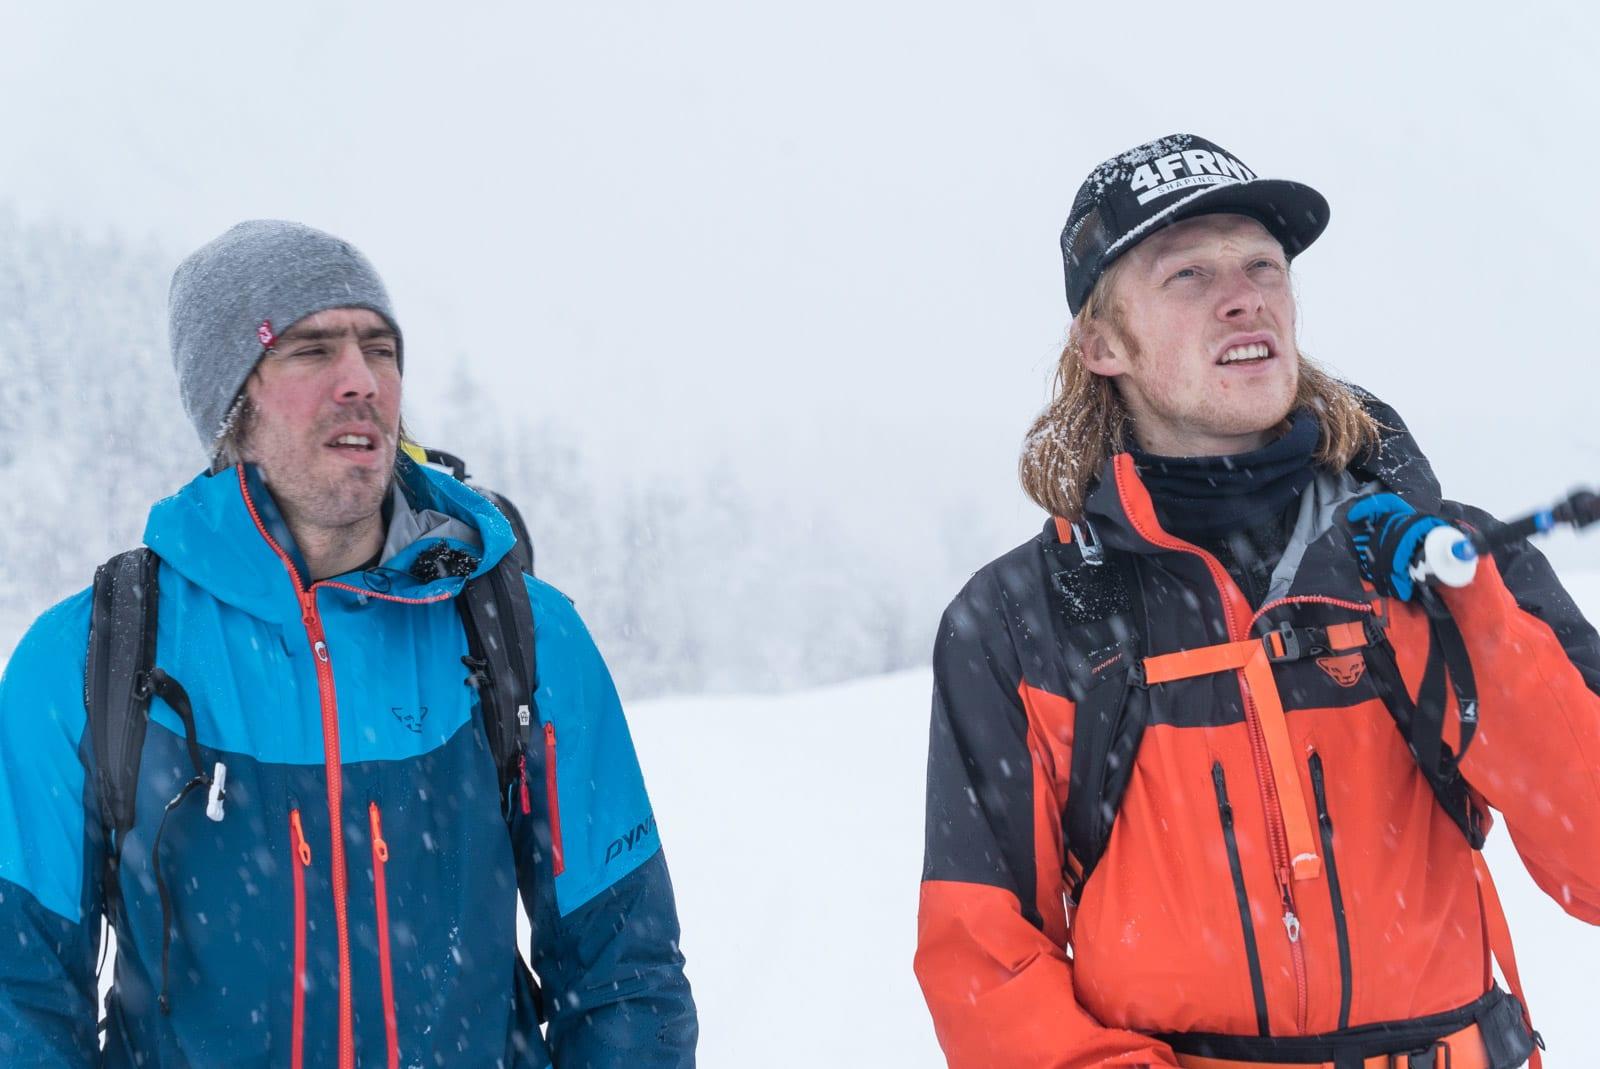 OPPDAL VS SOGNDAL: Eirik Finseth var innstilt på å ta frikjøringsprofilen Trygg Lindkjølen i lære på Sogndals-besøket, men alt gikk ikke helt etter planen. Bilde Christian Nerdrum